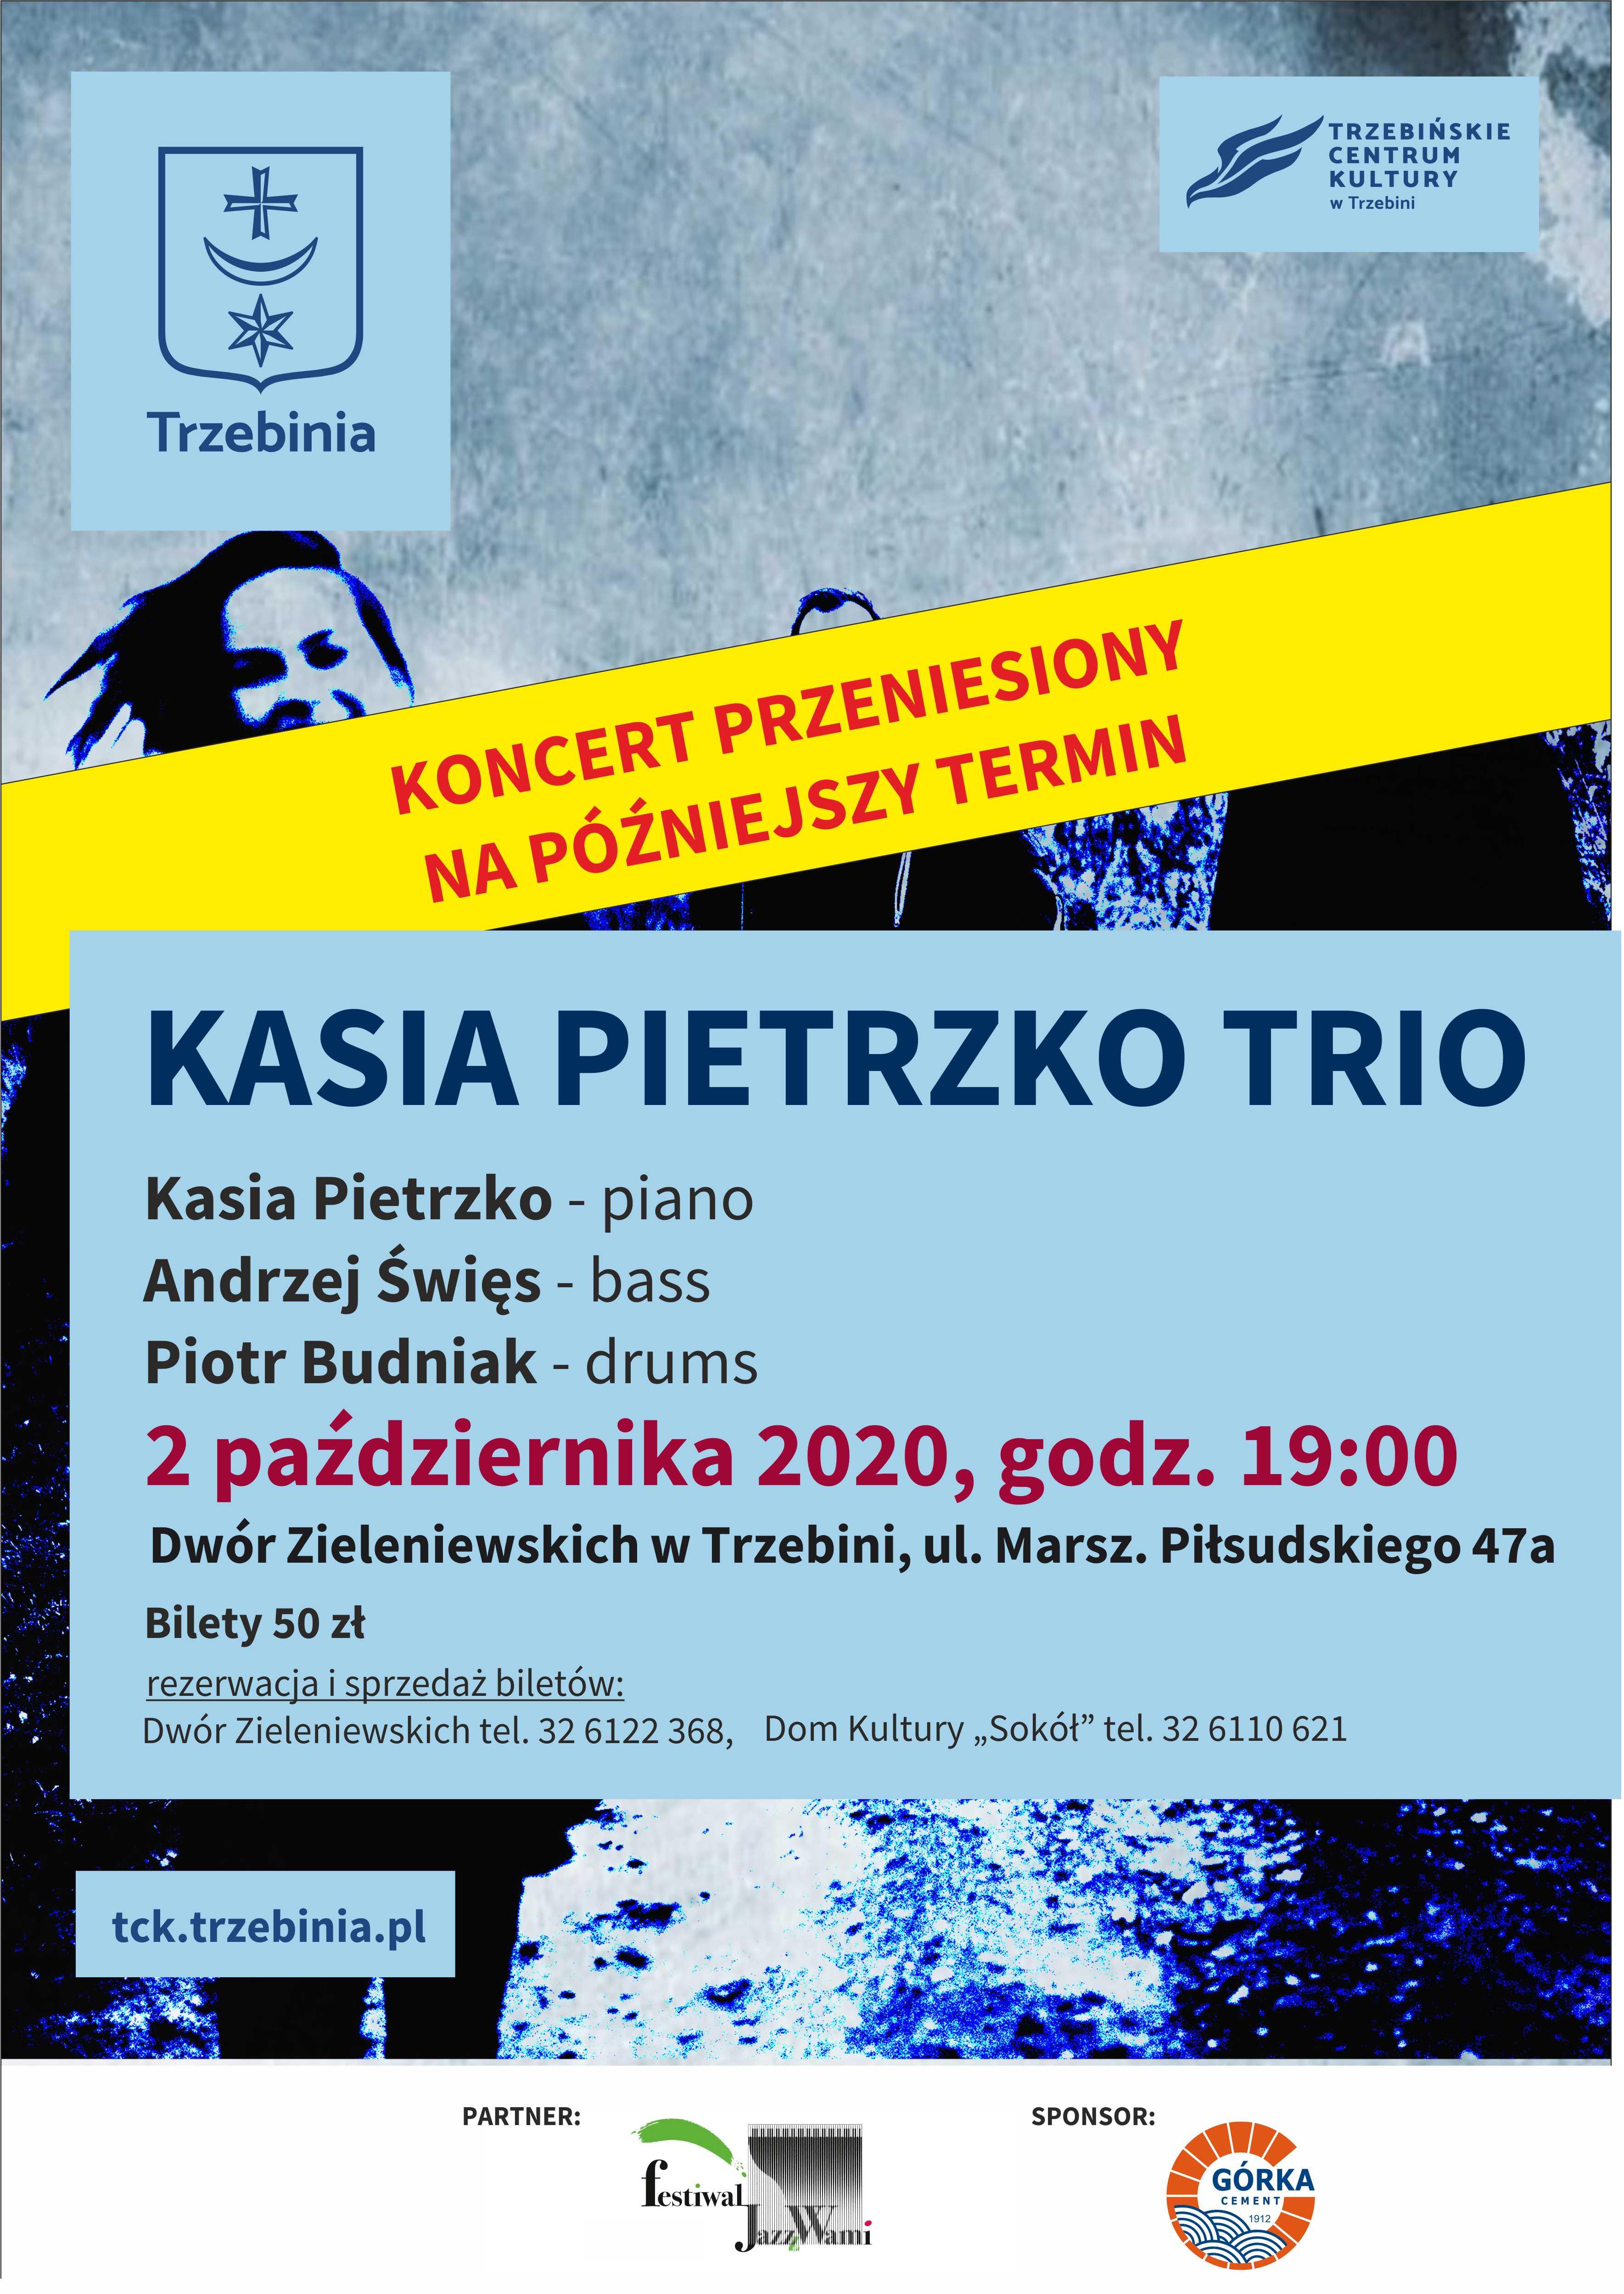 Kasia Pietrzko Trio przeniesiony na późniejszy termin